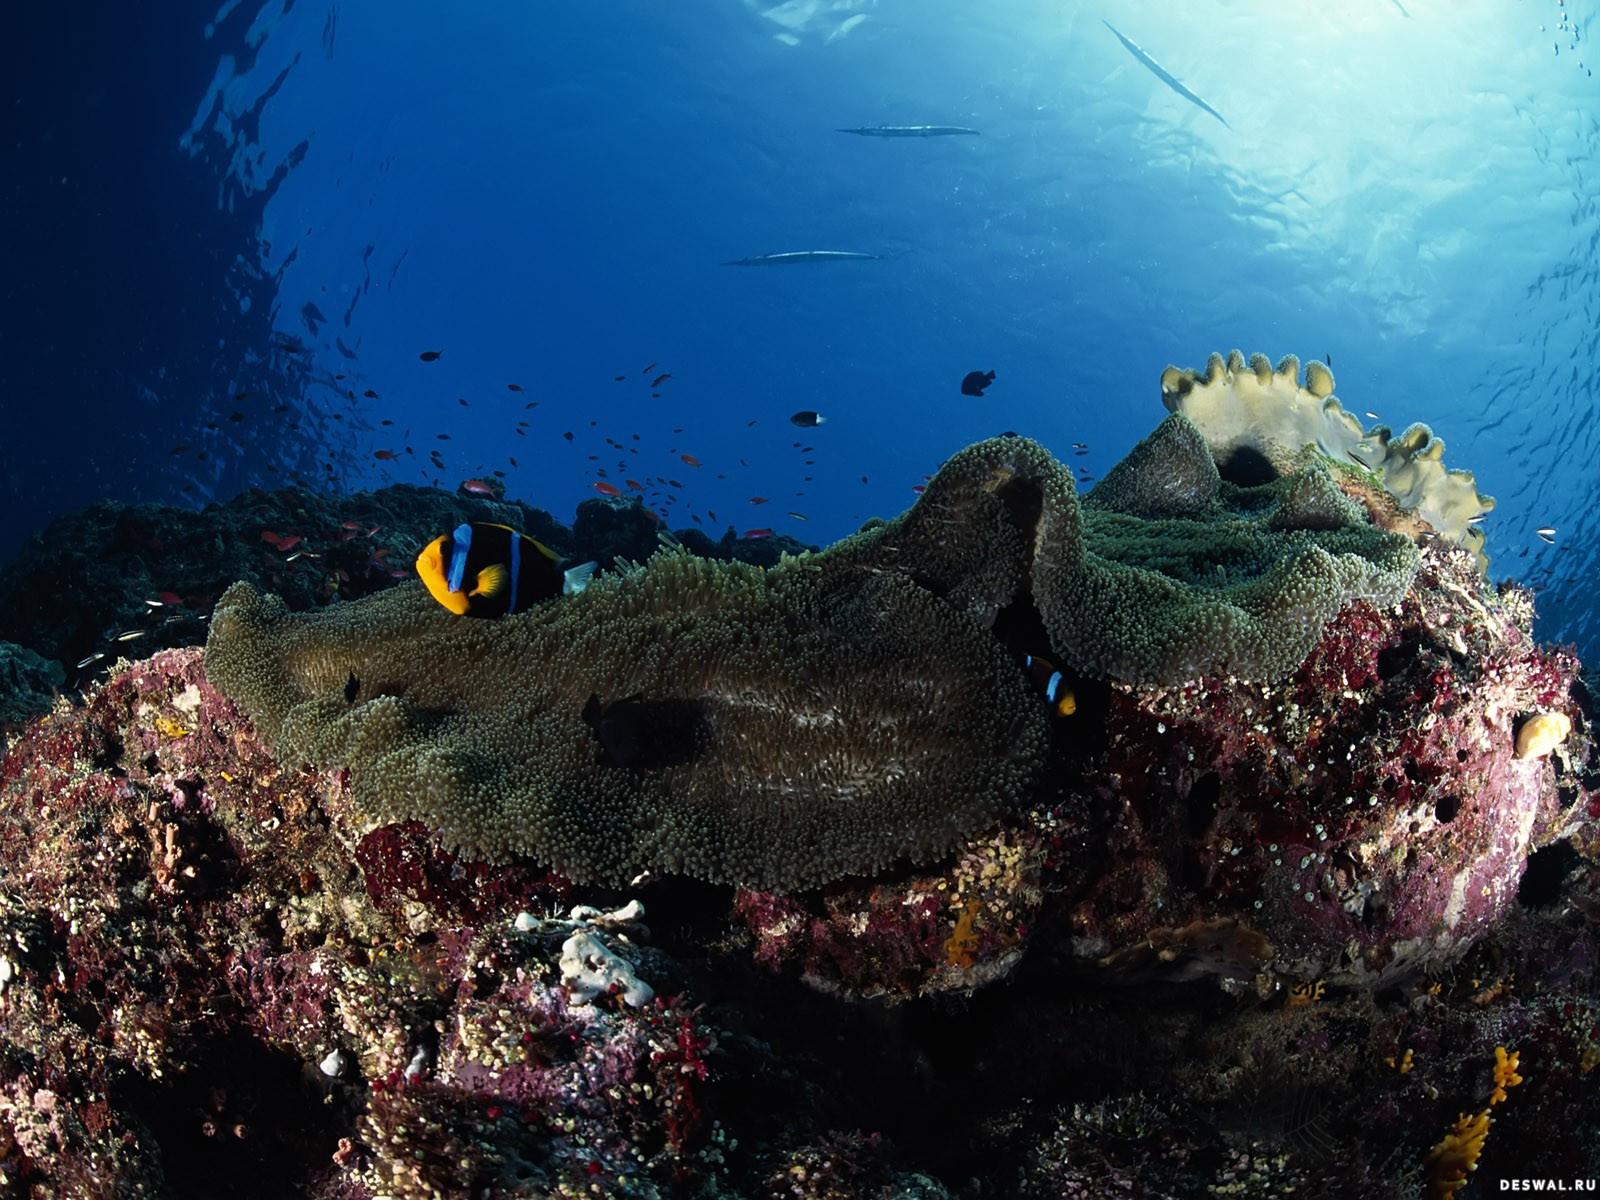 Фото 91. Нажмите на картинку с обоями подводного мира, чтобы просмотреть ее в реальном размере